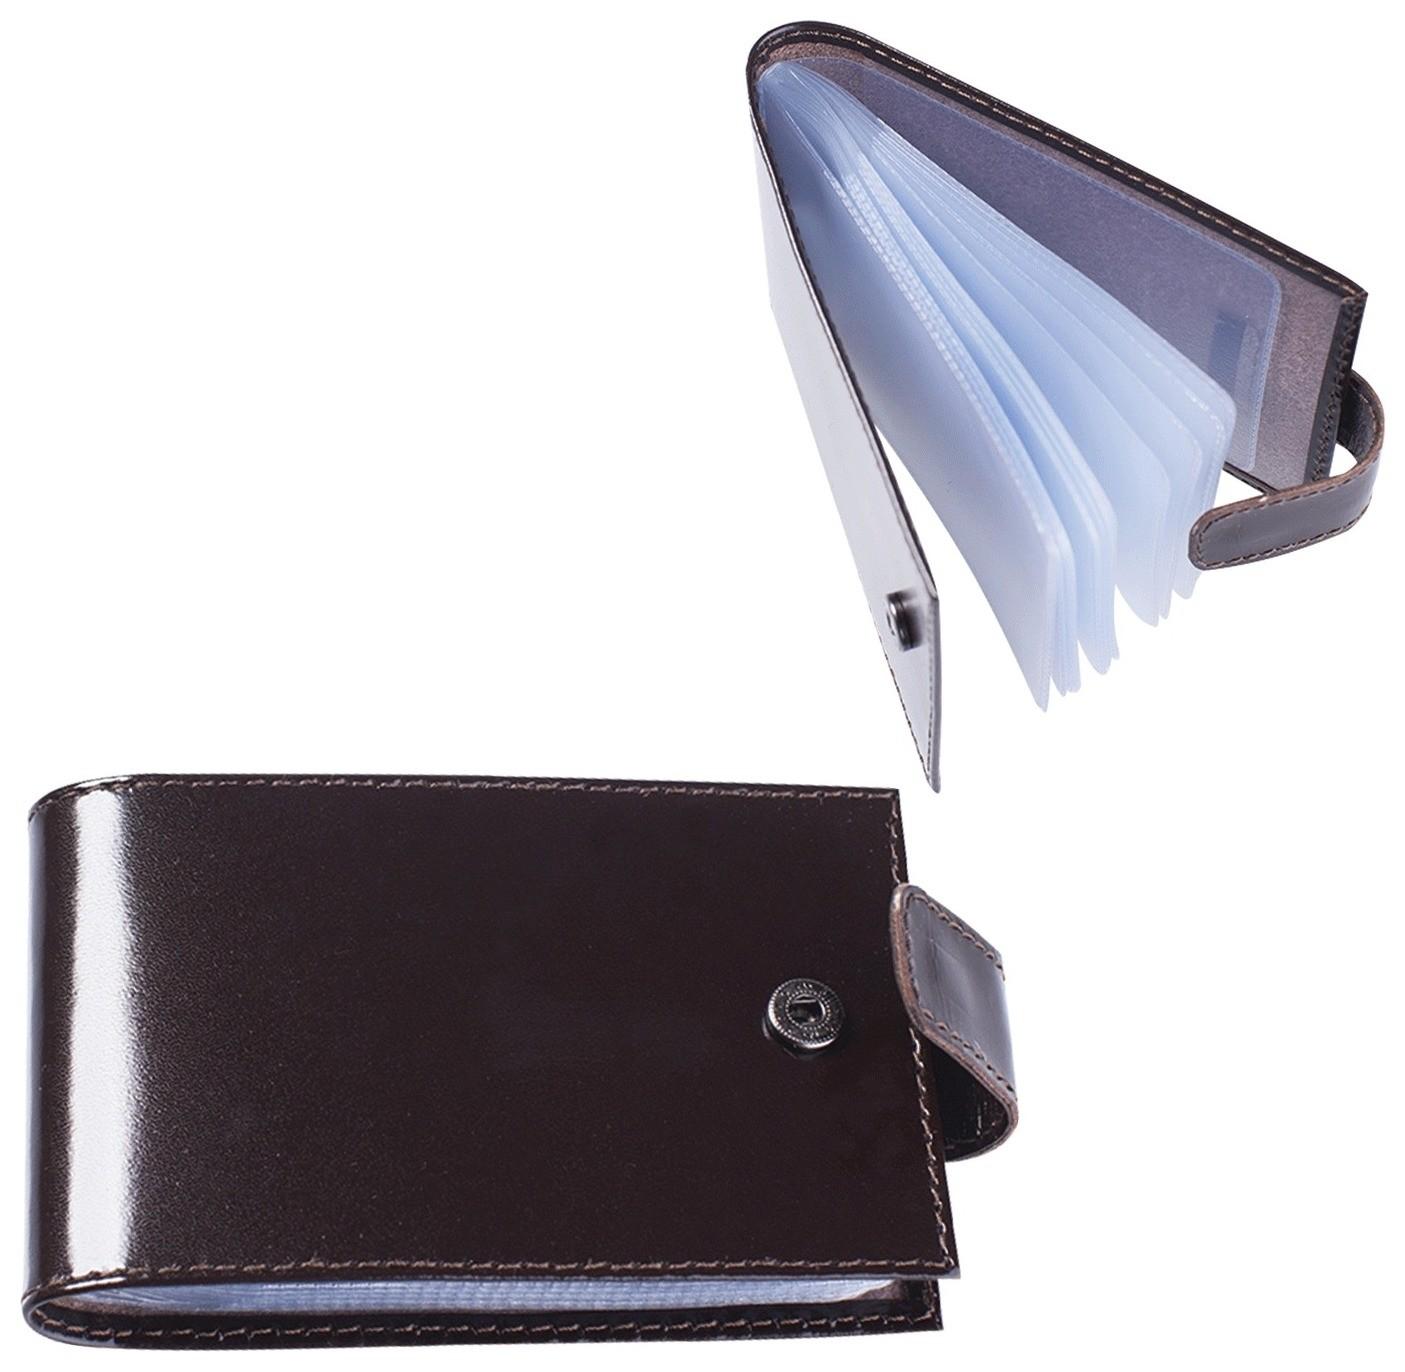 """Визитница карманная Befler """"Classic"""" на 40 визиток, натуральная кожа, кнопка, коричневая, V.31.-1  Befler"""